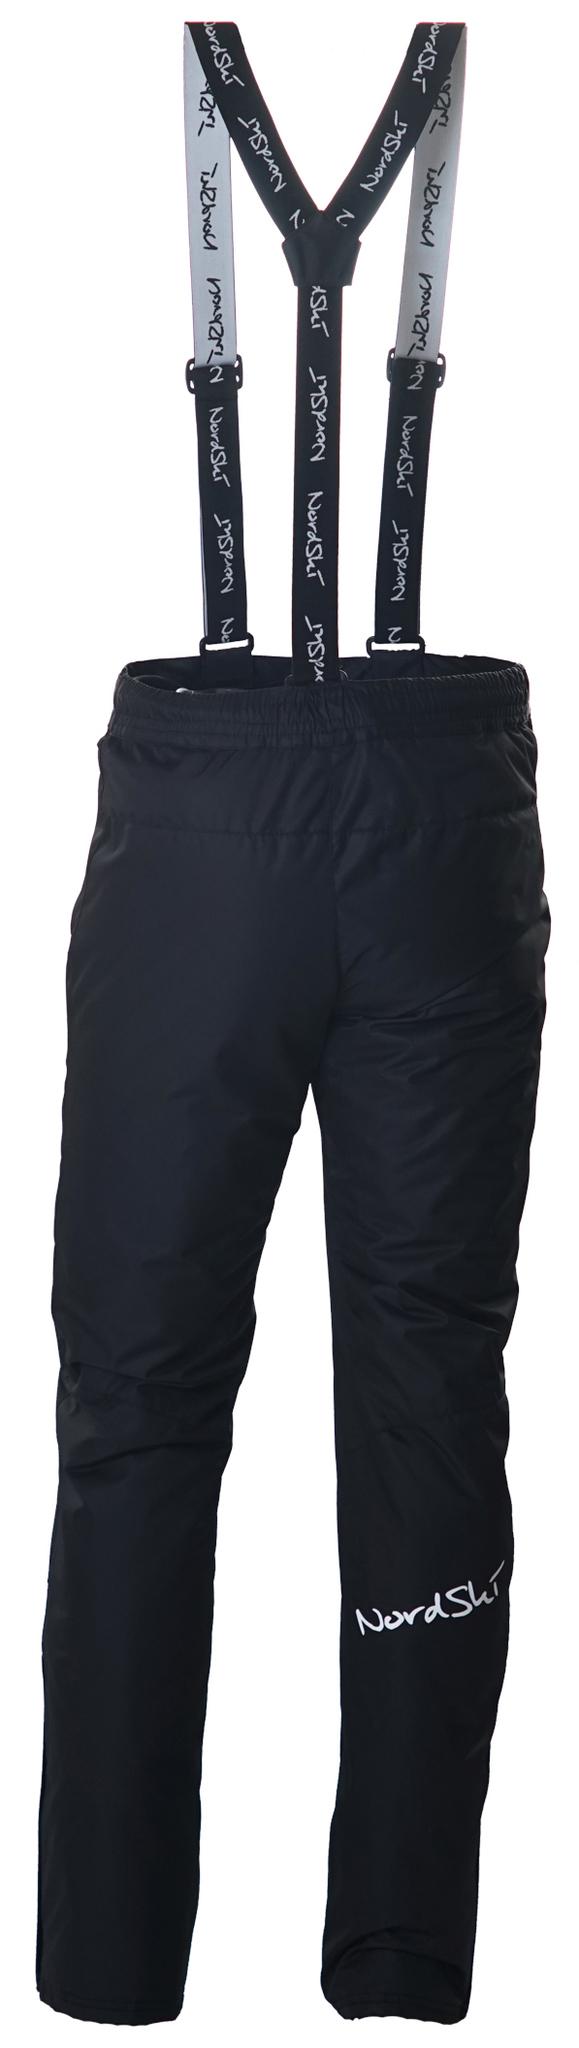 Мужской прогулочный лыжный костюм Nordski Premium черный